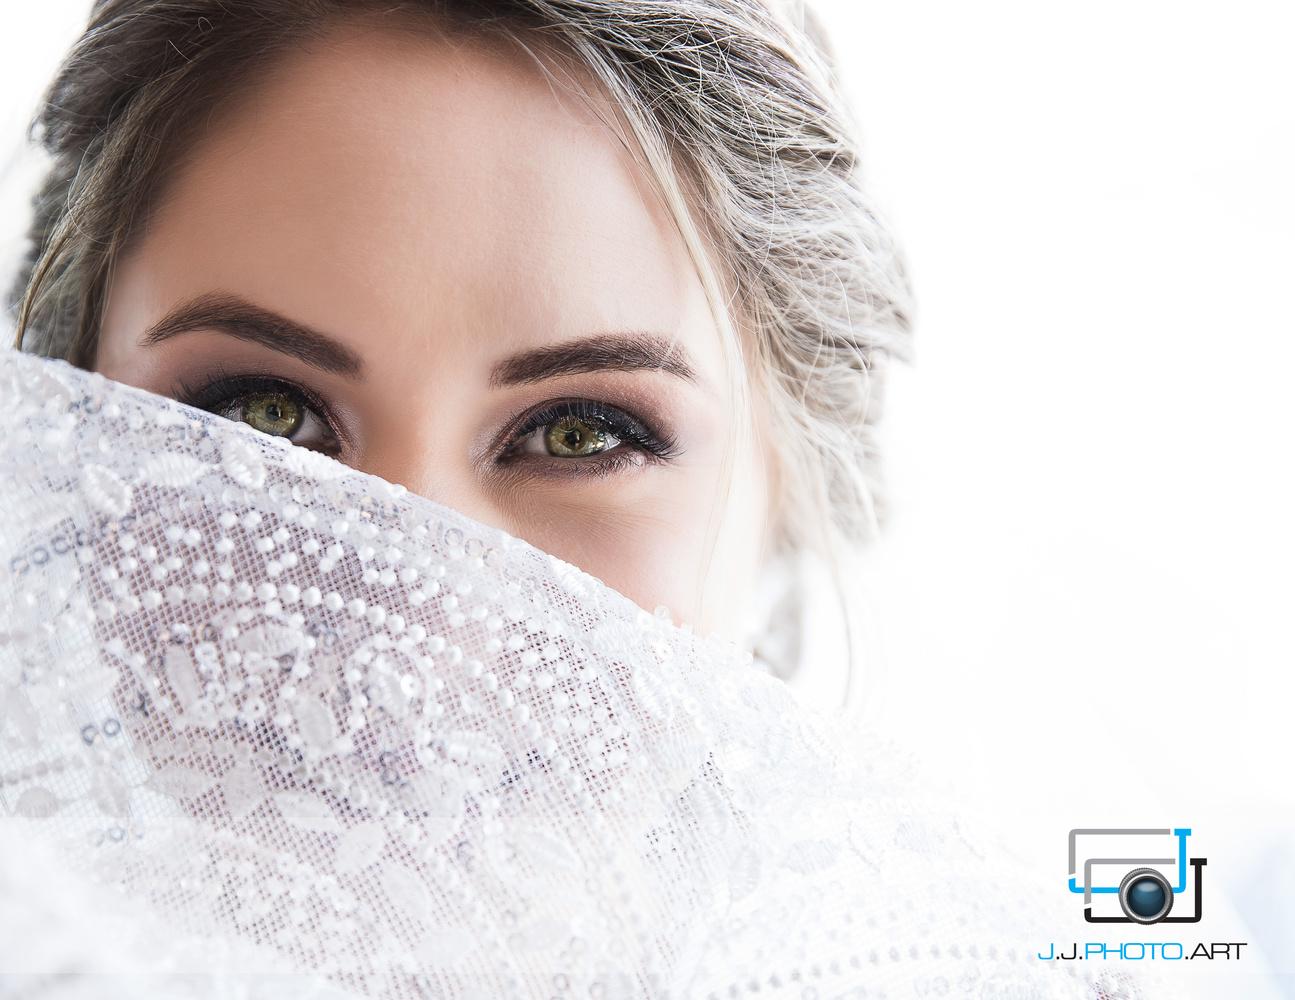 The beauty of the bride by John-Joe Pereira